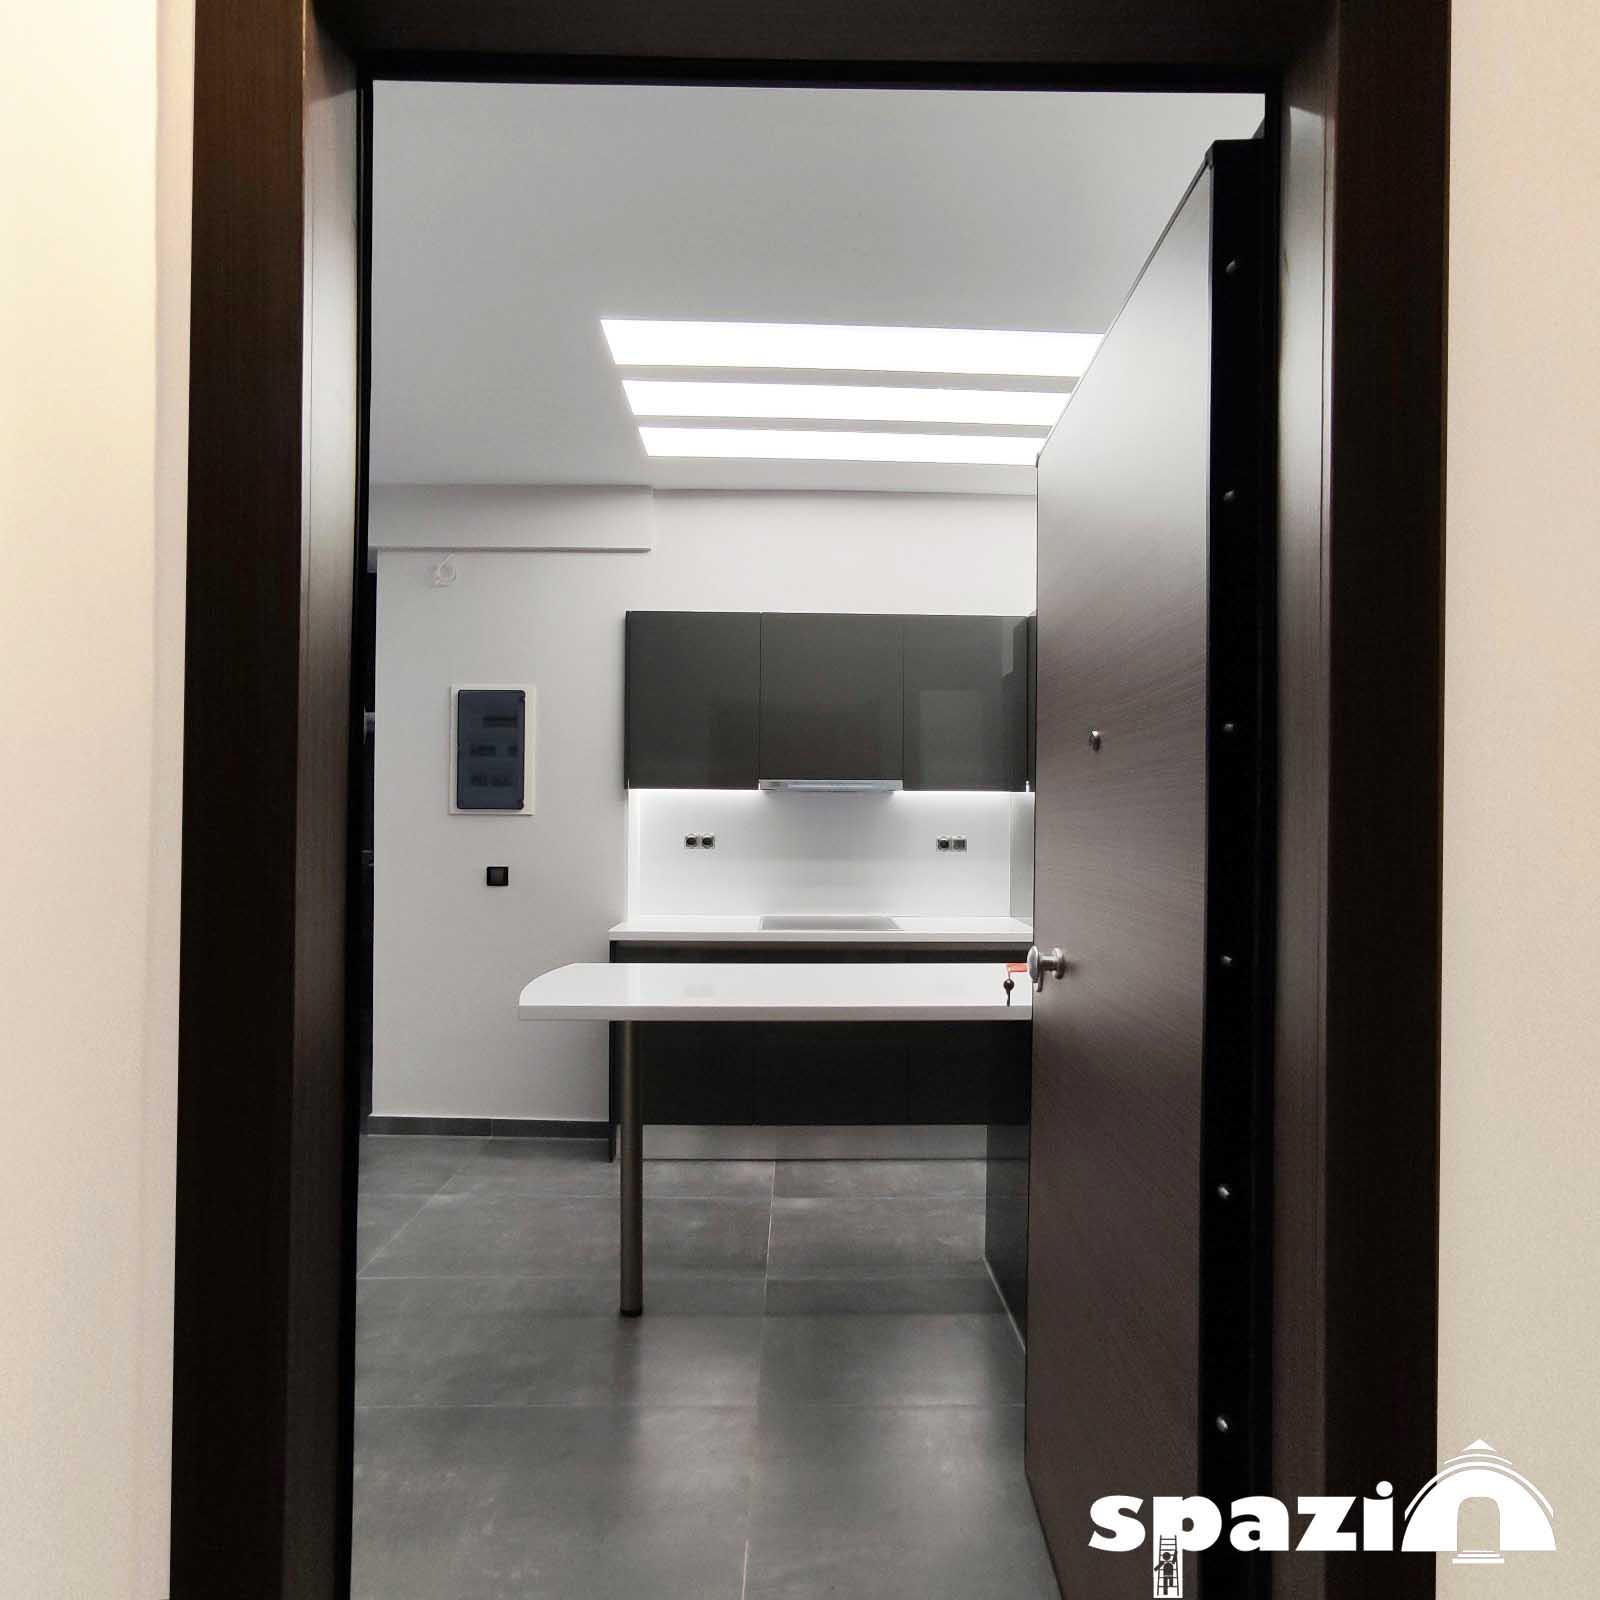 spazio_sepolia_01.jpg